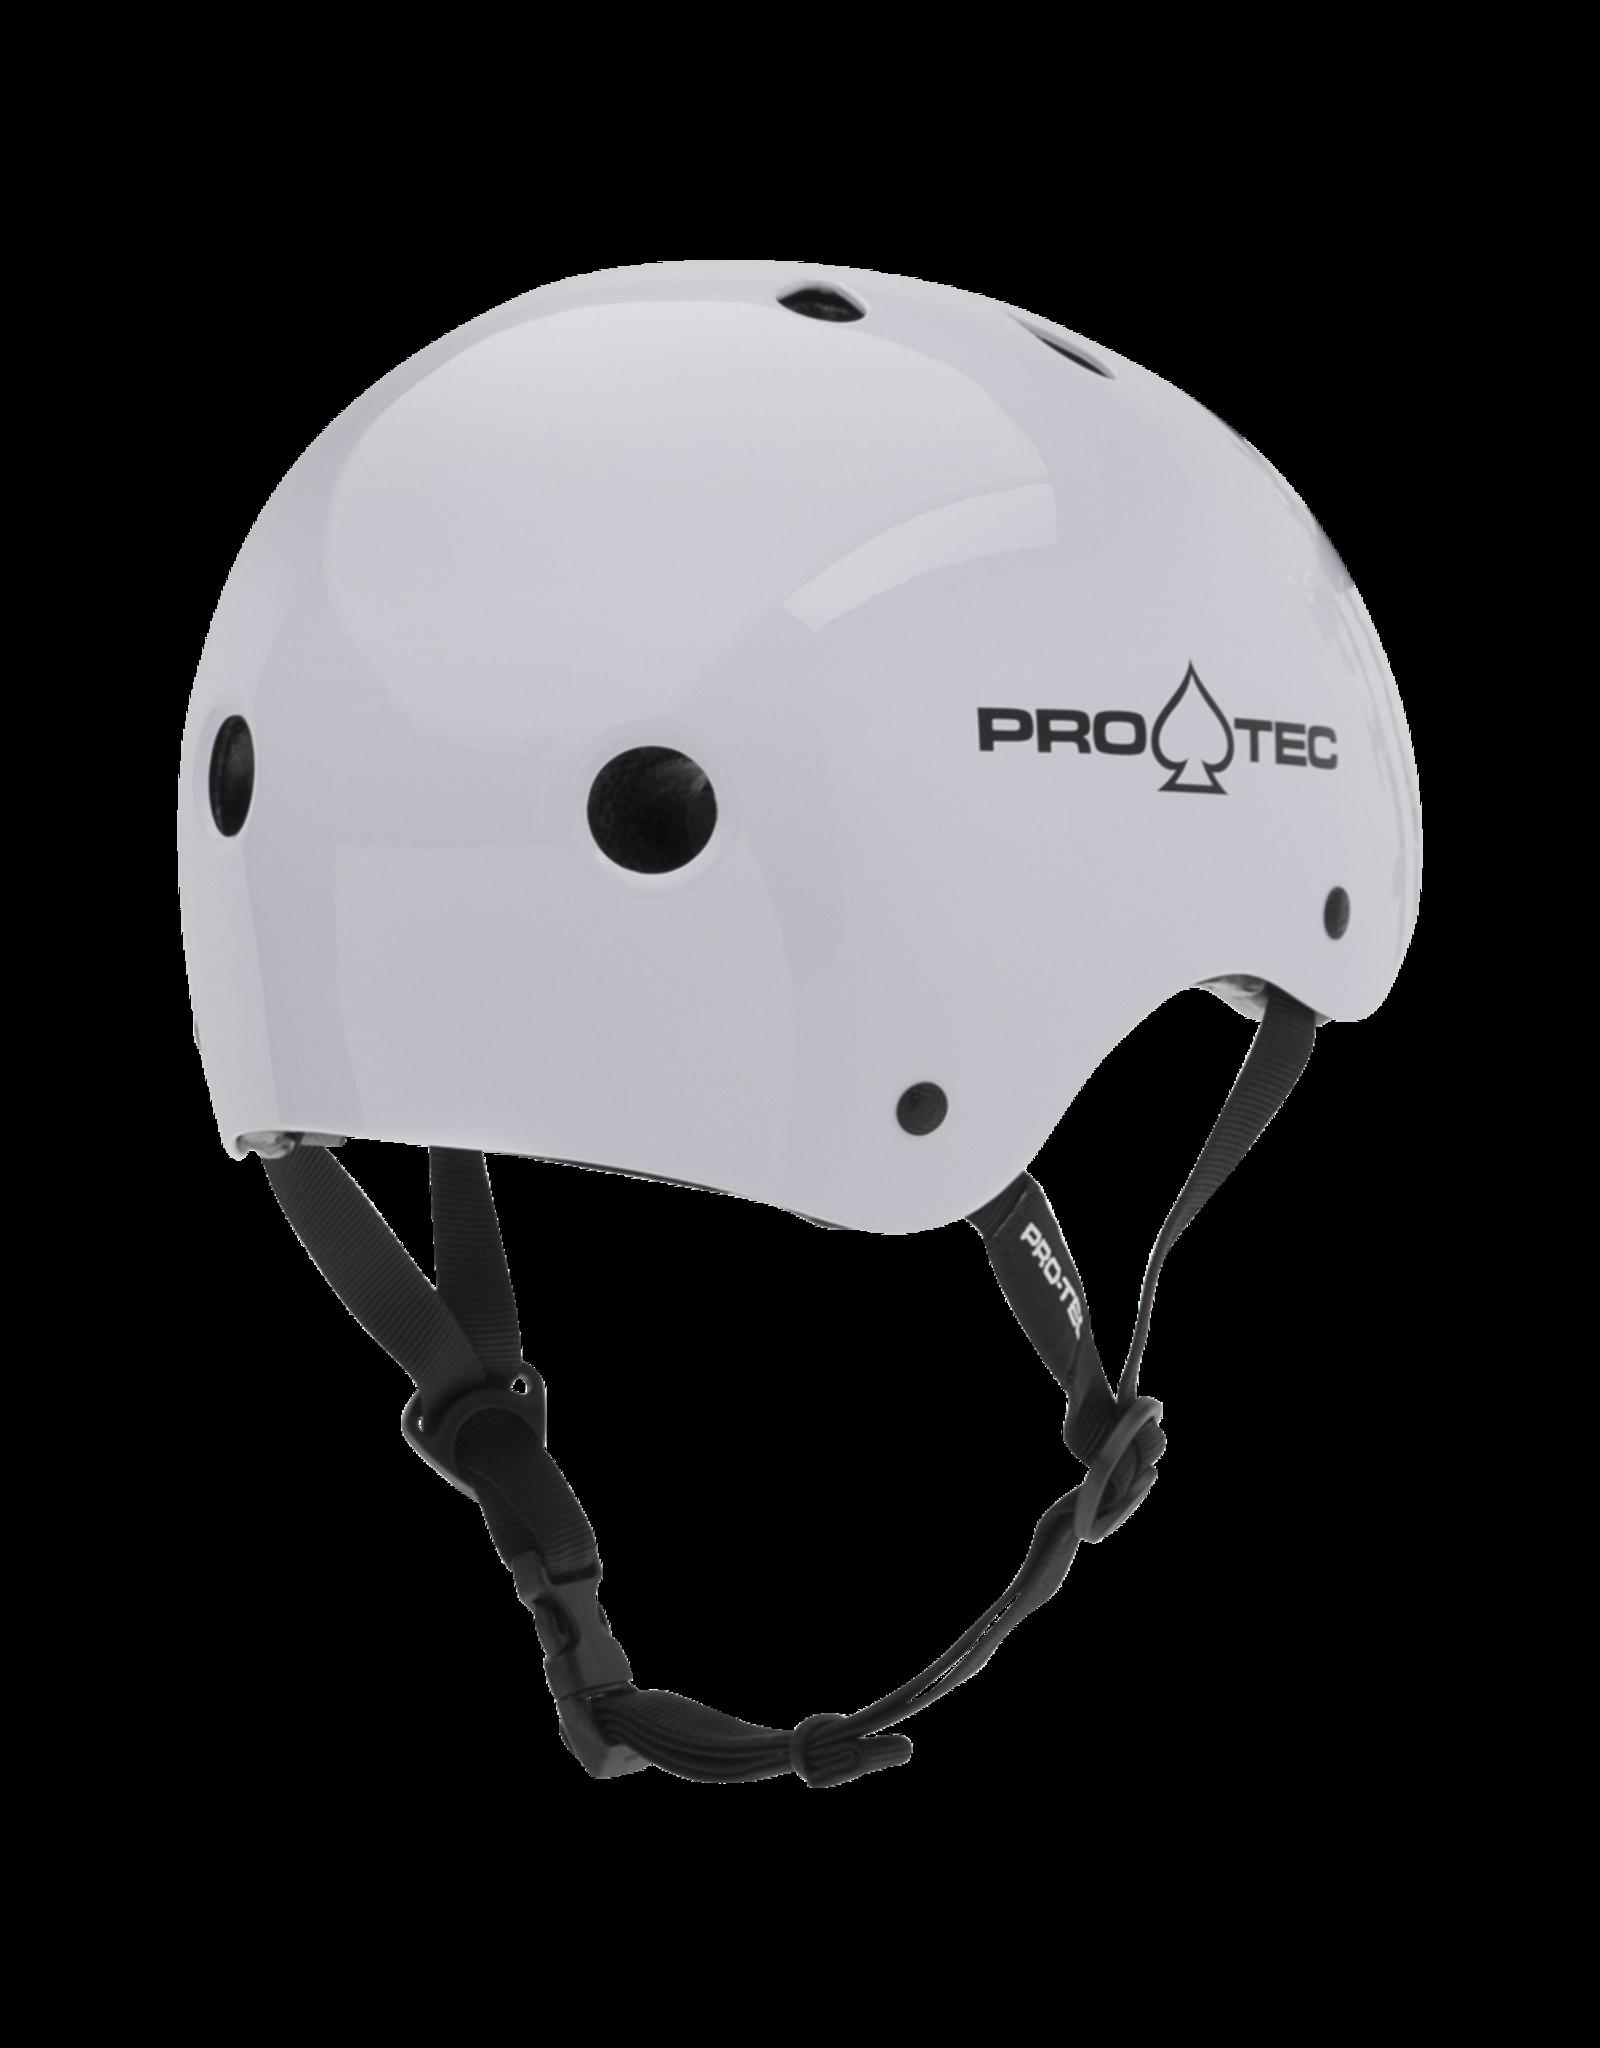 PRO-TEC PRO TEC - CLASSIC SKATE WHITE